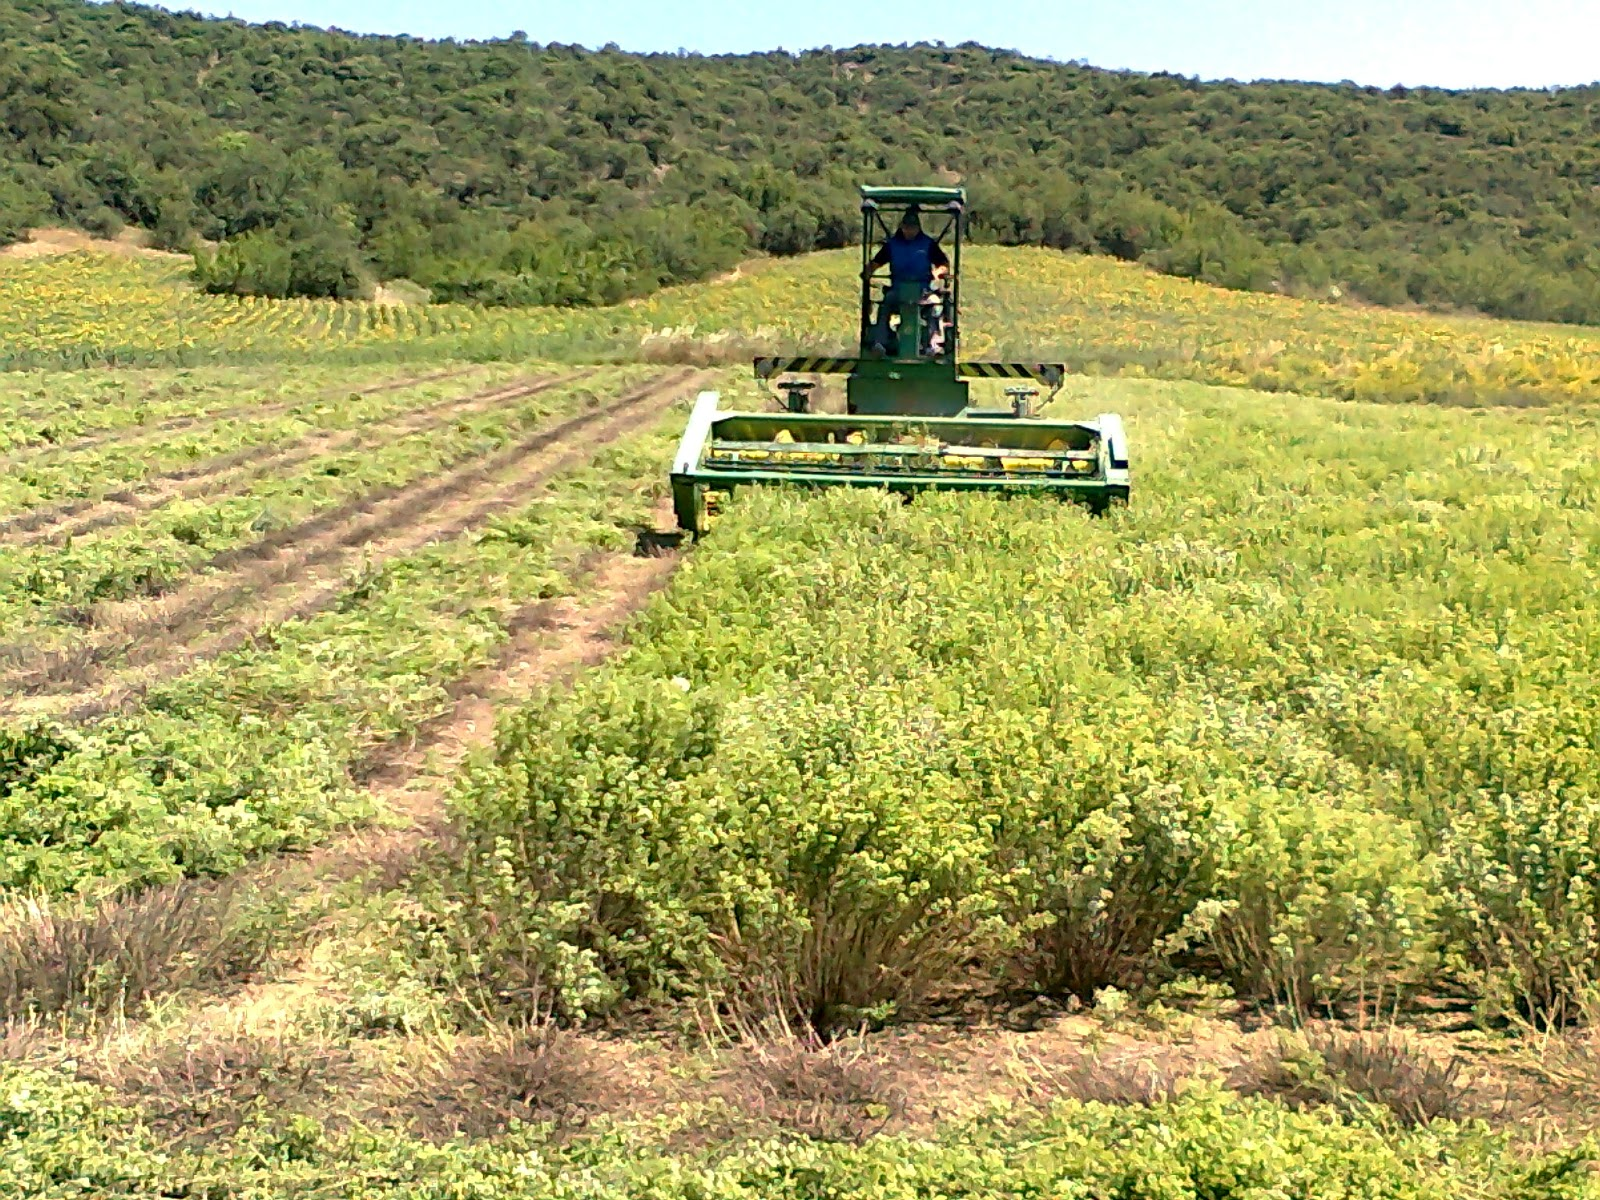 Αγροσελίδα  Ξεκινά επιδότηση για αγροτική παραγωγή 75% 265dad6f7e1